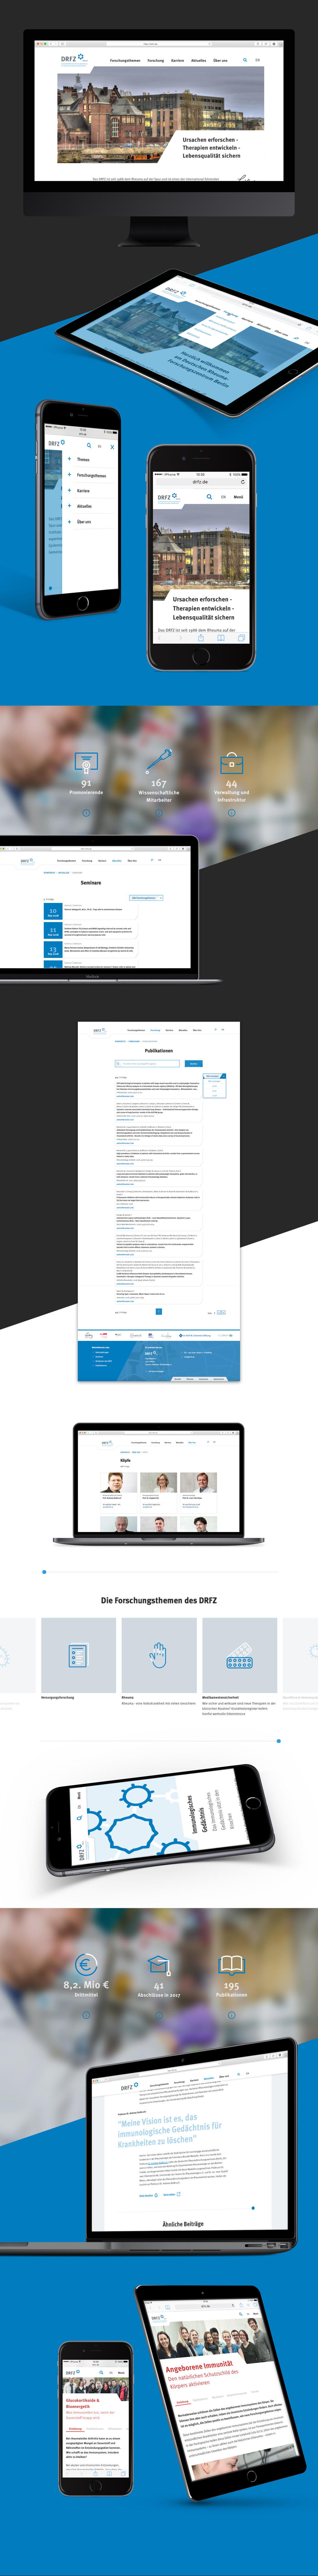 Projektaufbereitung für den Website-Relaunch von drfz.de